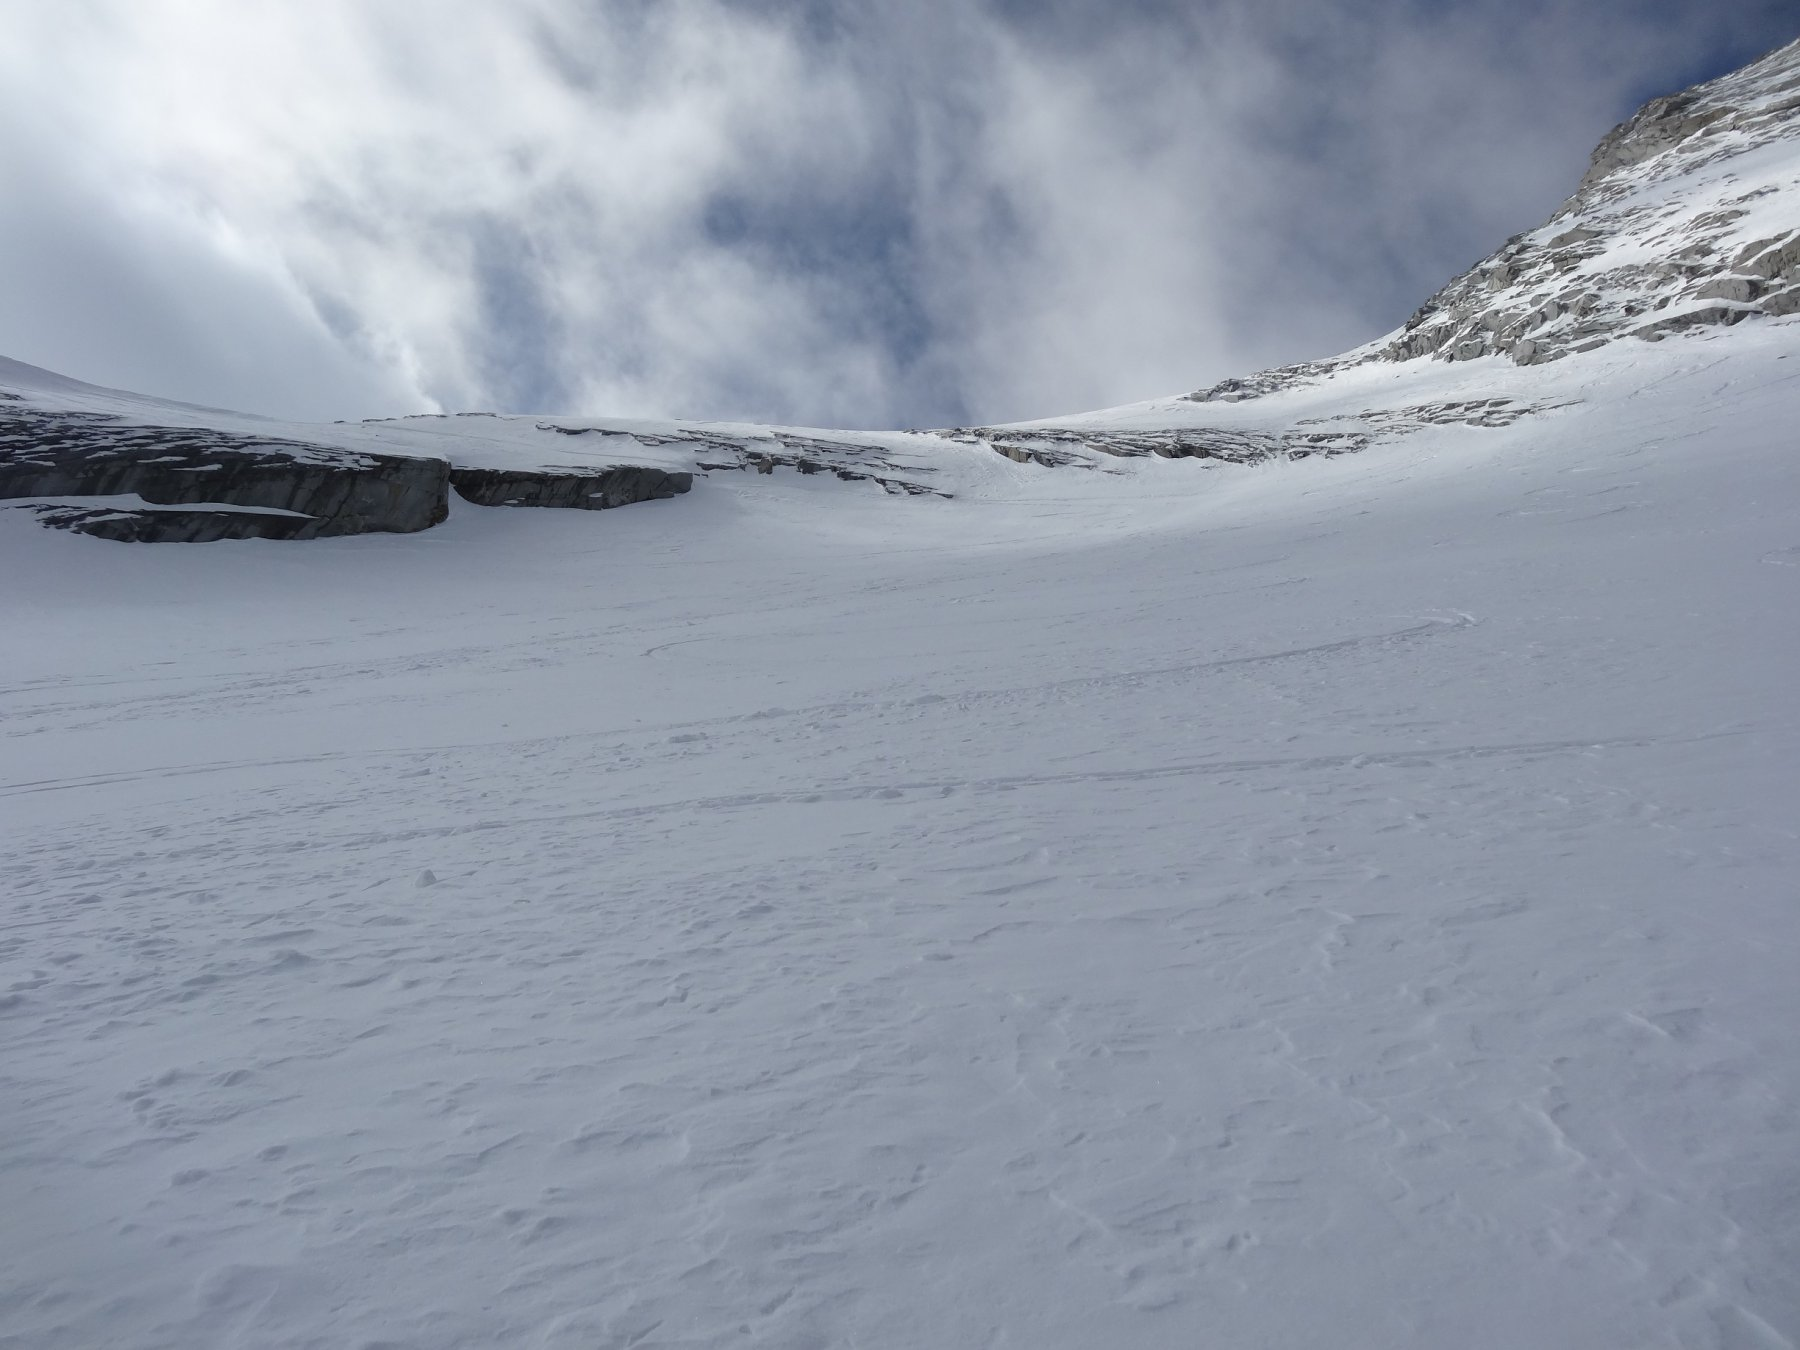 bella neve, scendendo dal primo canale